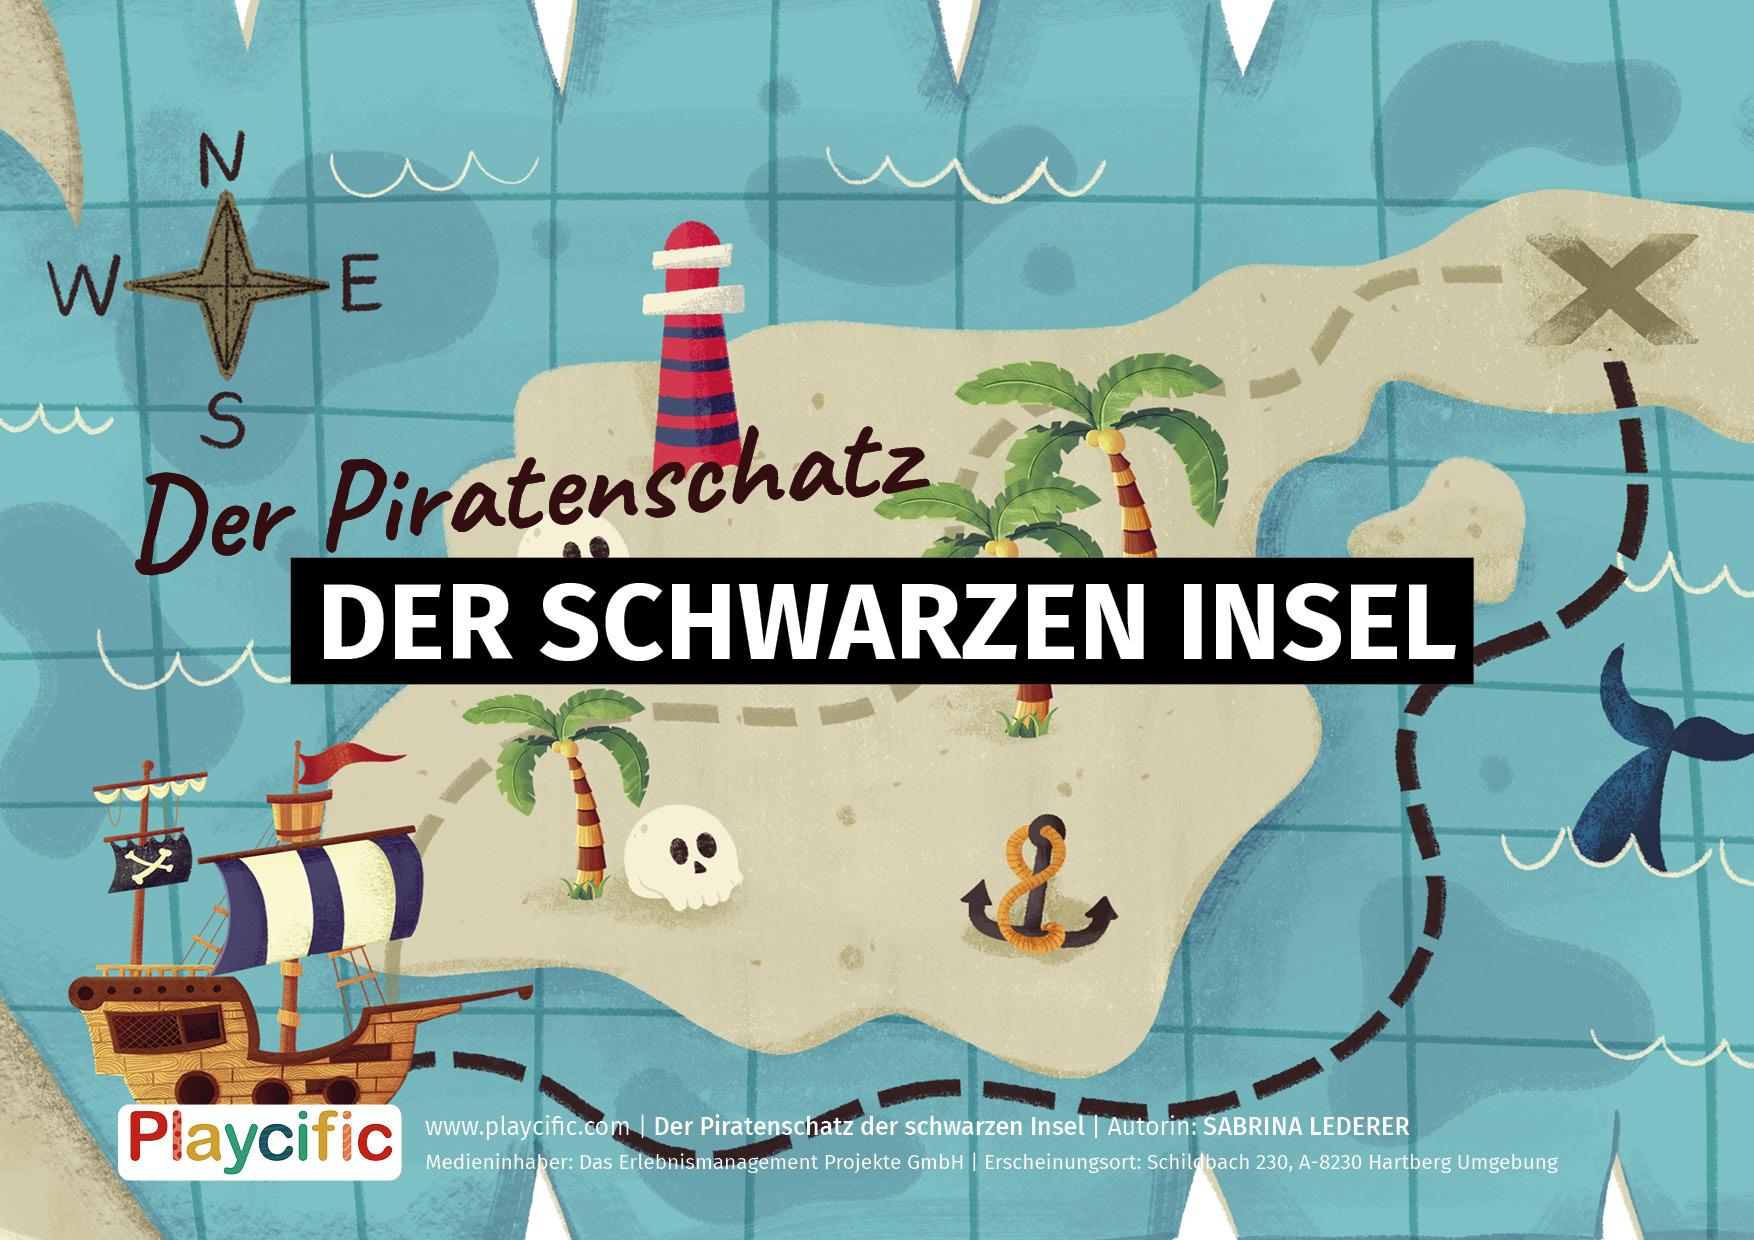 Der Piratenschatz der schwarzen Insel